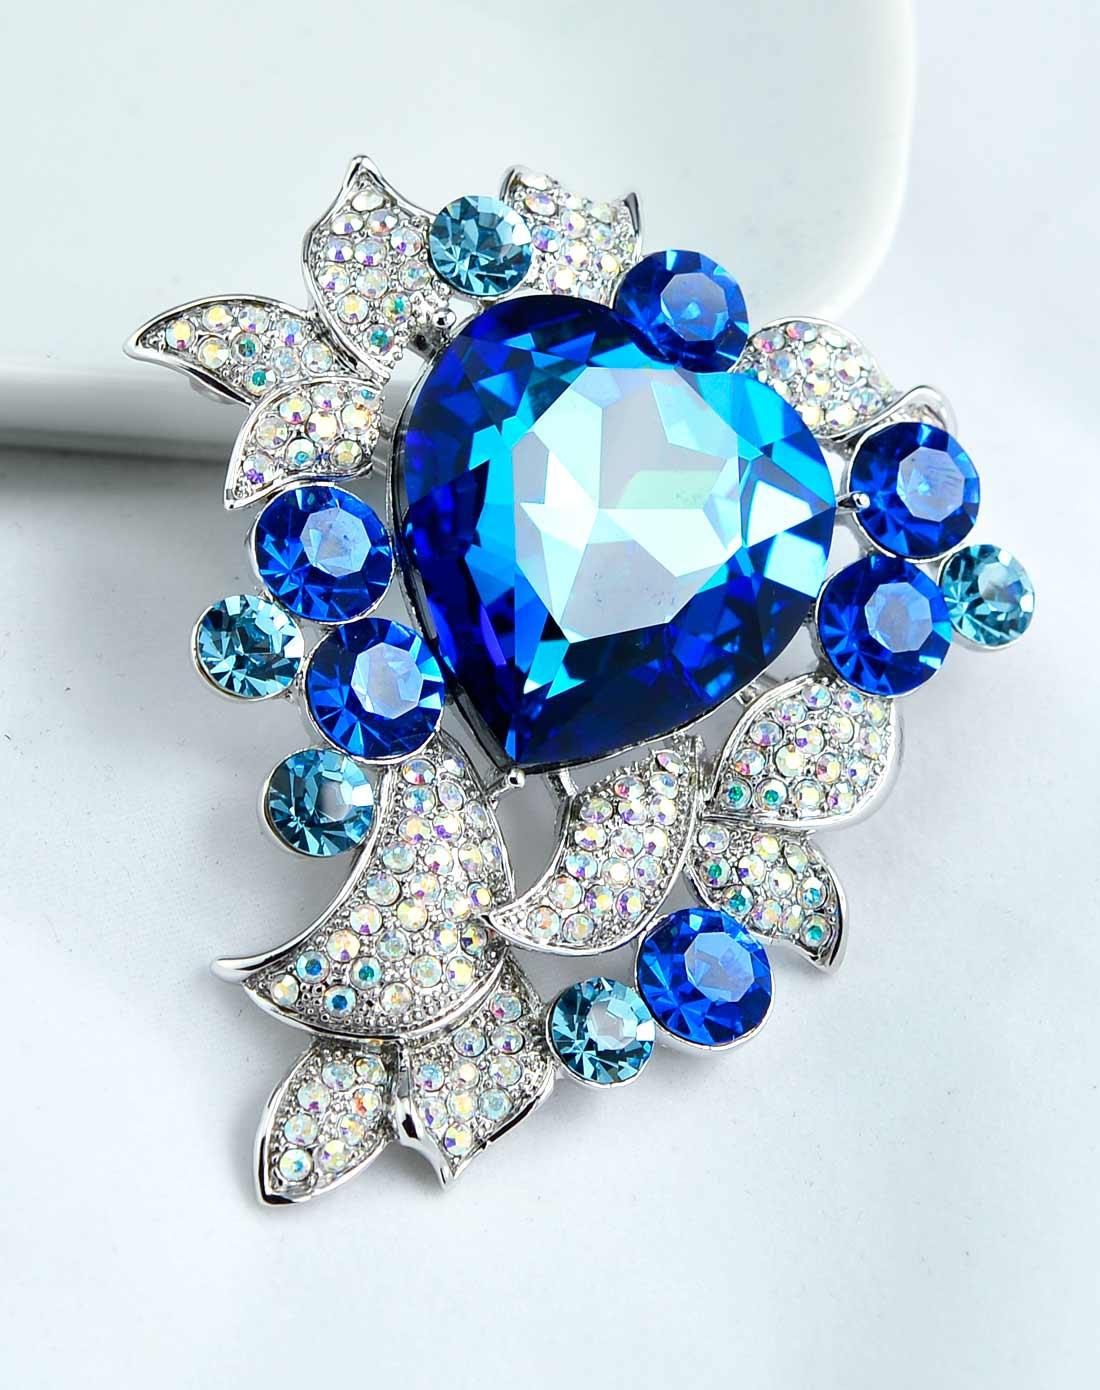 海洋之心水晶胸针-蓝色